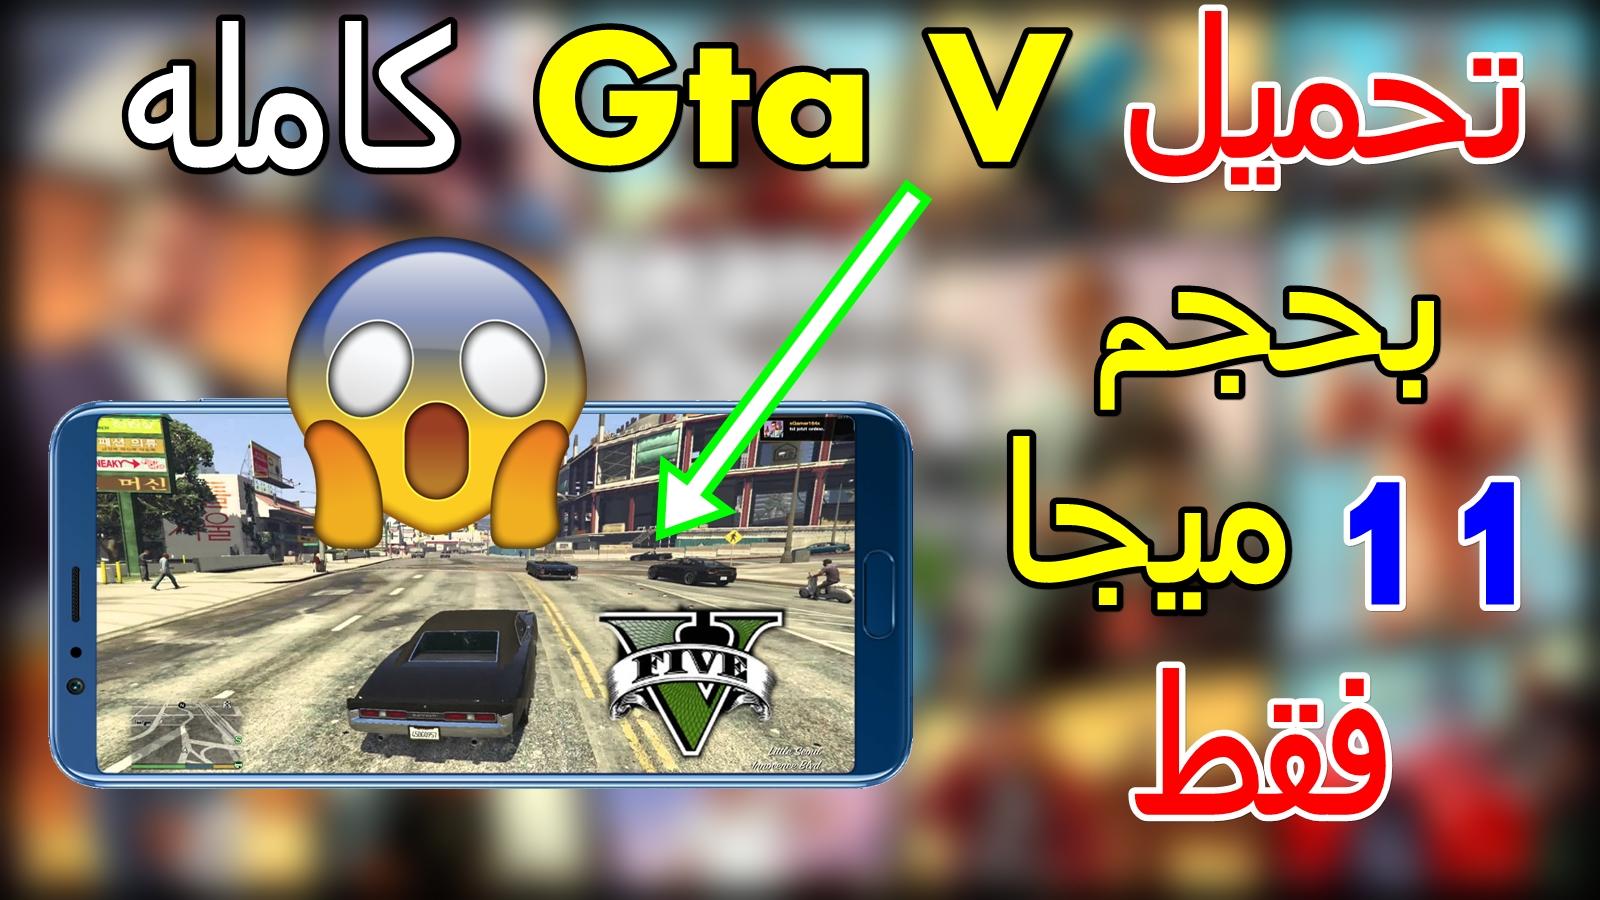 تحميل لعبة  GTA V للاندرويد بحجم 11 MB + كامله اصلية وتشتغل علي جميع الاجهزه